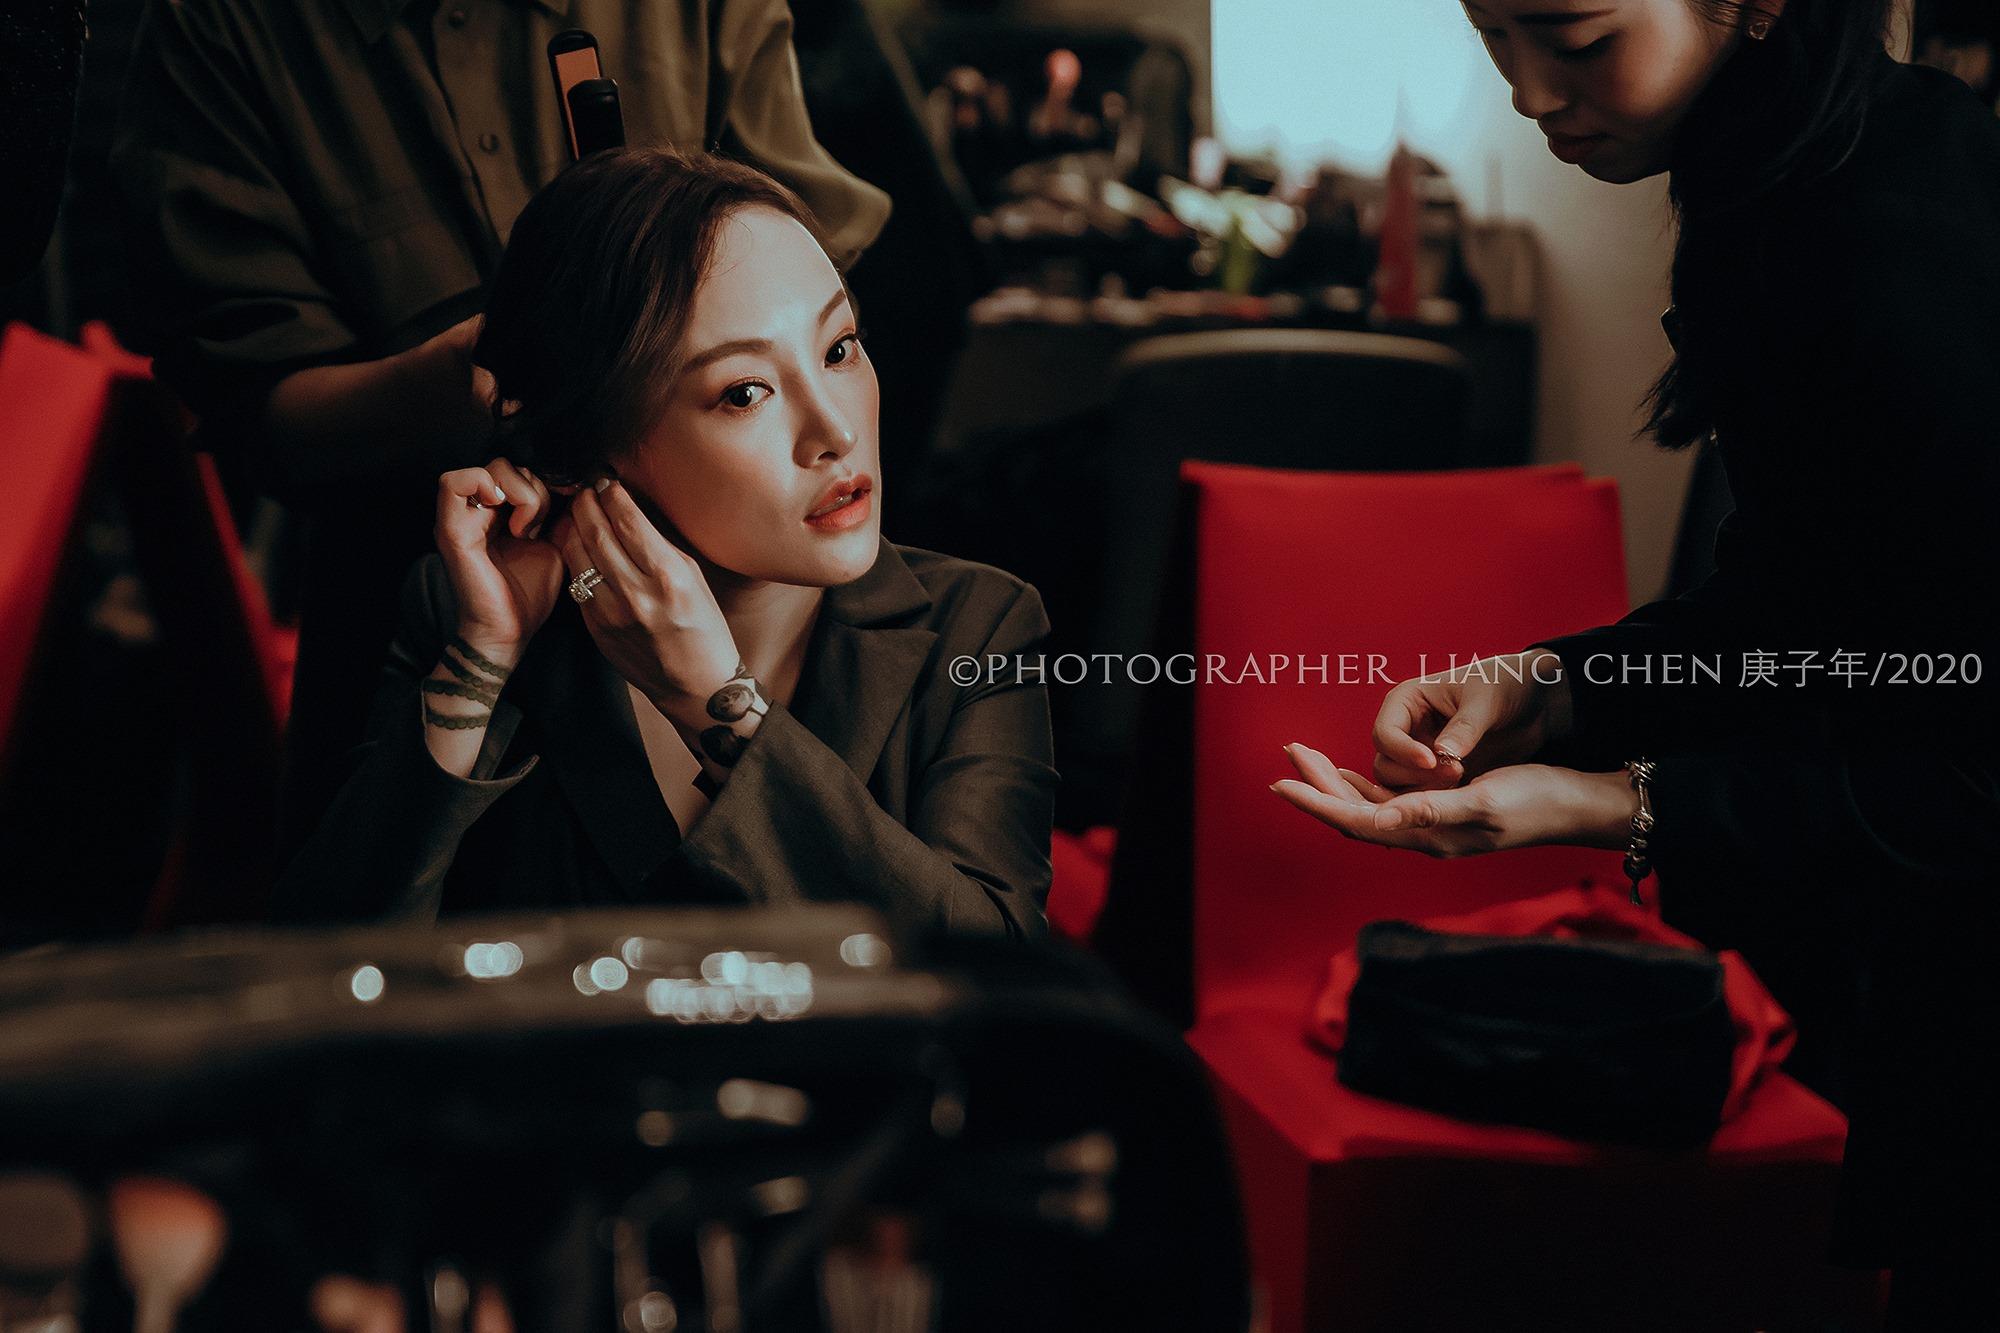 婚禮準備的側拍也充滿著復古感氛圍,圖片來源:良大Liang Chen攝影工作室